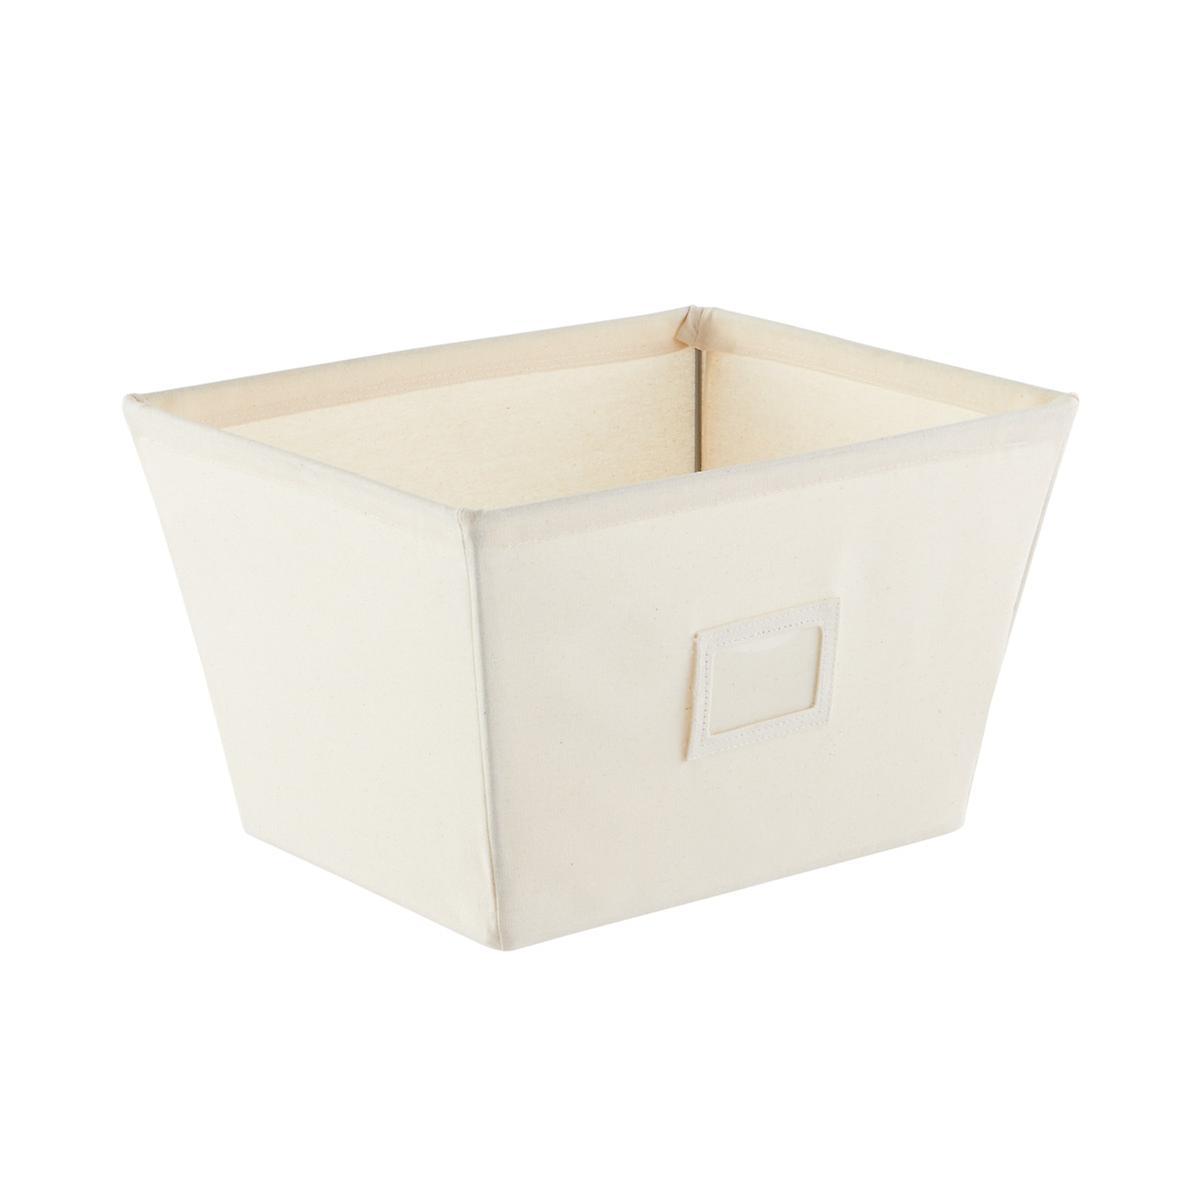 Fabric Storage Bins Natural Open Canvas Storage Bins